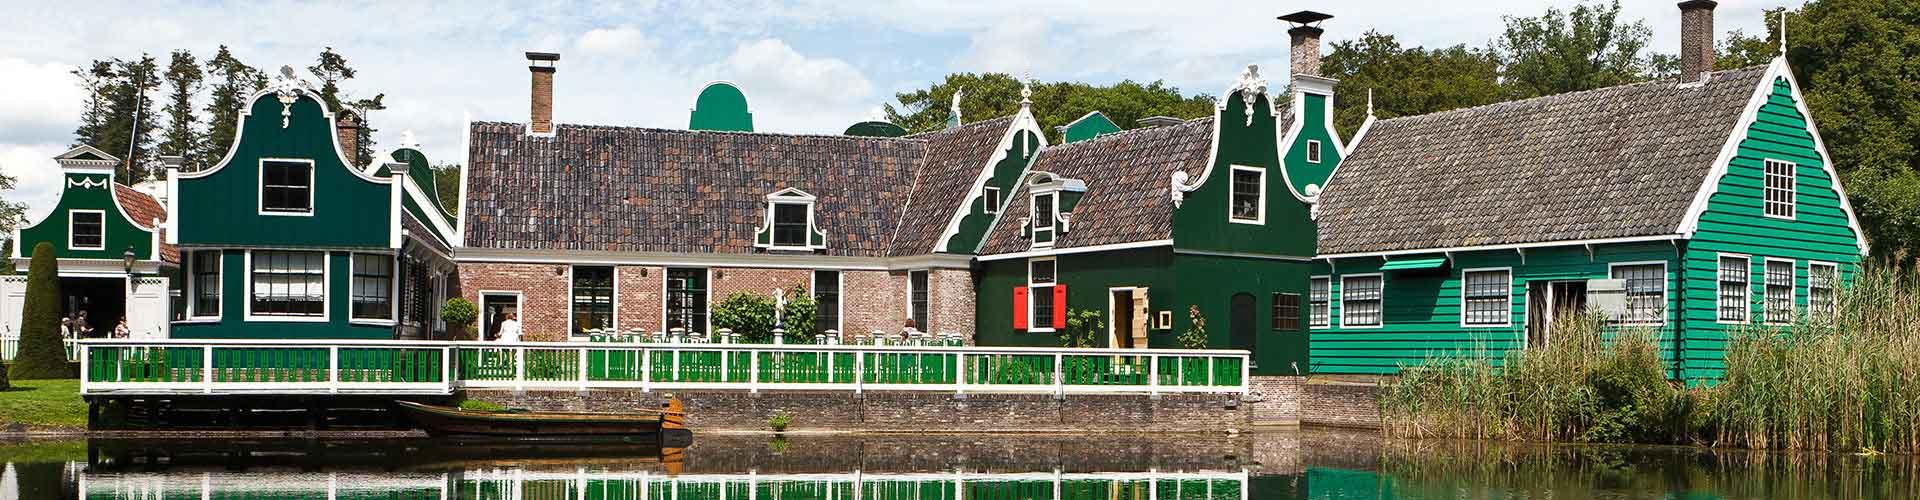 Arnhem - Hoteles baratos en Arnhem. Mapas de Arnhem, Fotos y comentarios de cada Hotel en Arnhem.